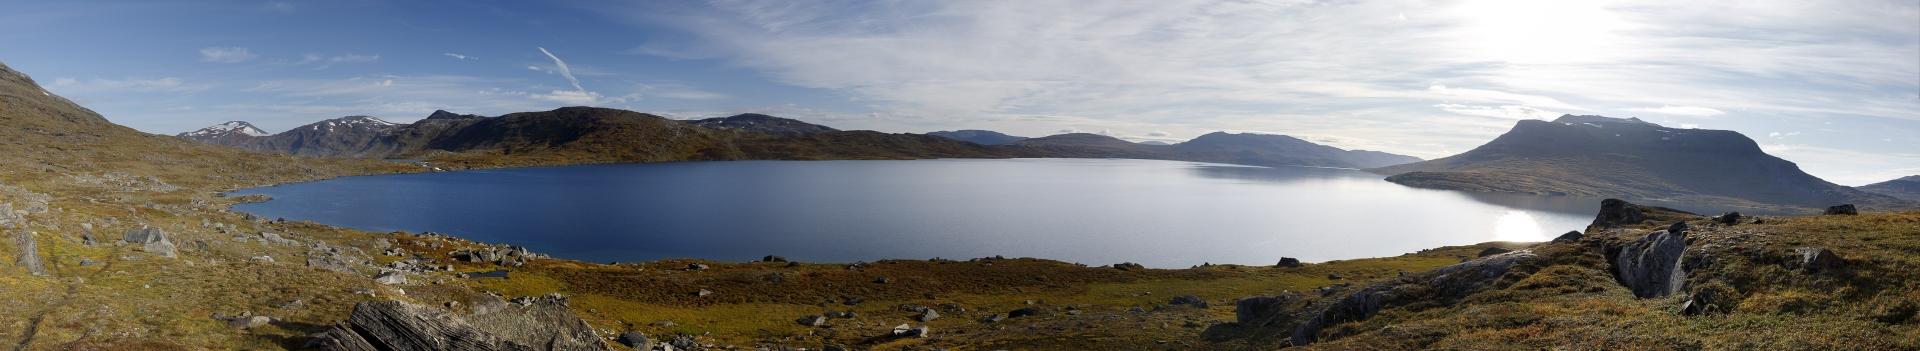 Panorama des Kåbtåjaure